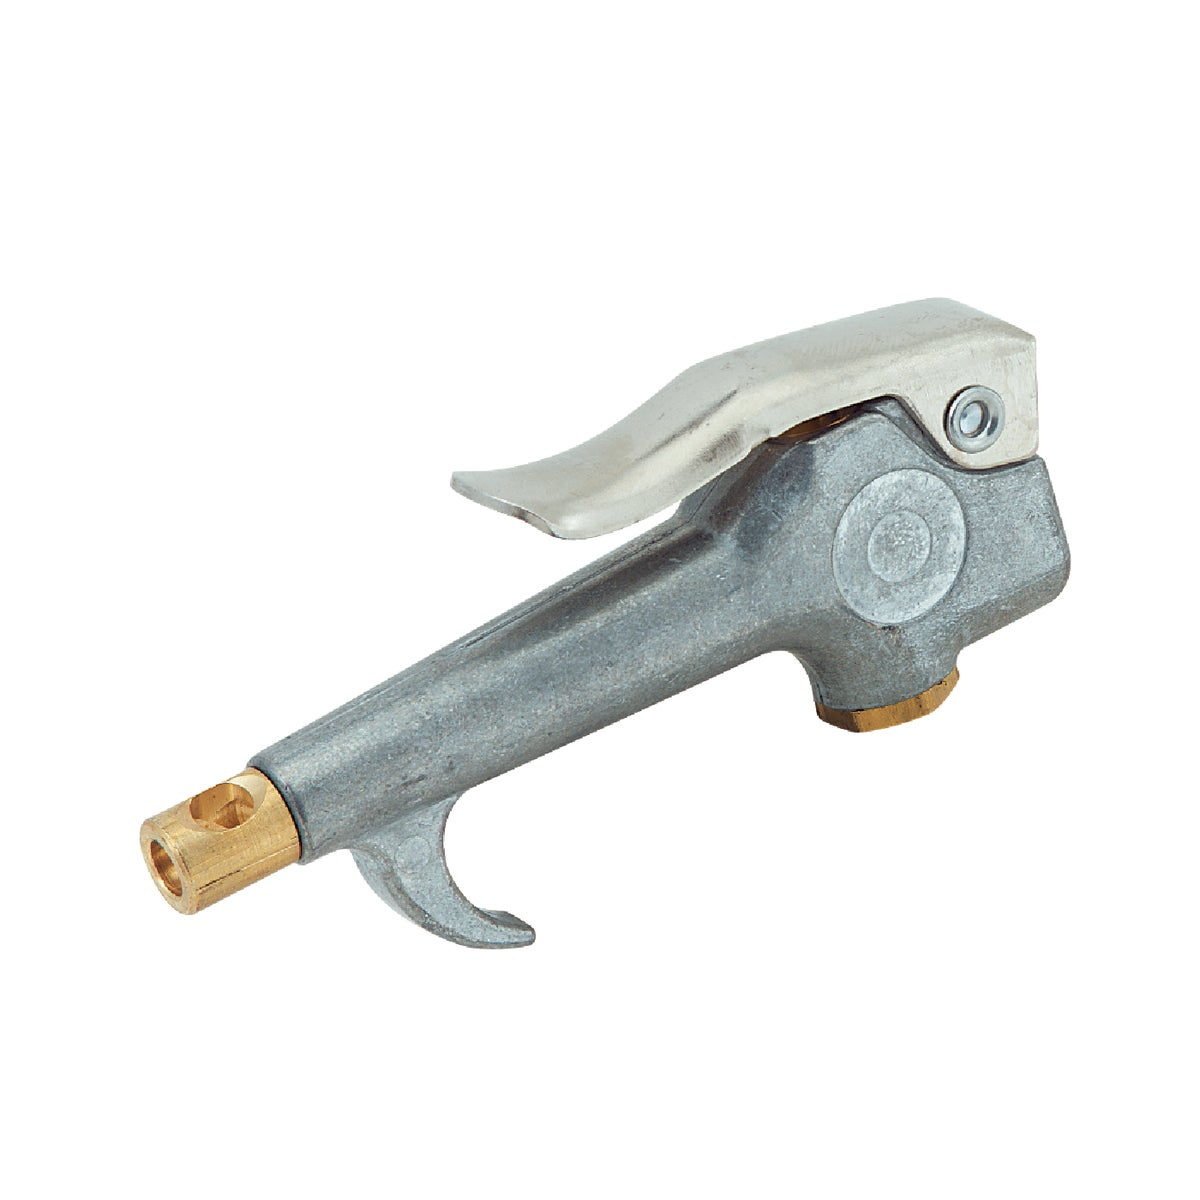 SAFETY BLOWGUN - 18-233 by Plews  Lubrimatic